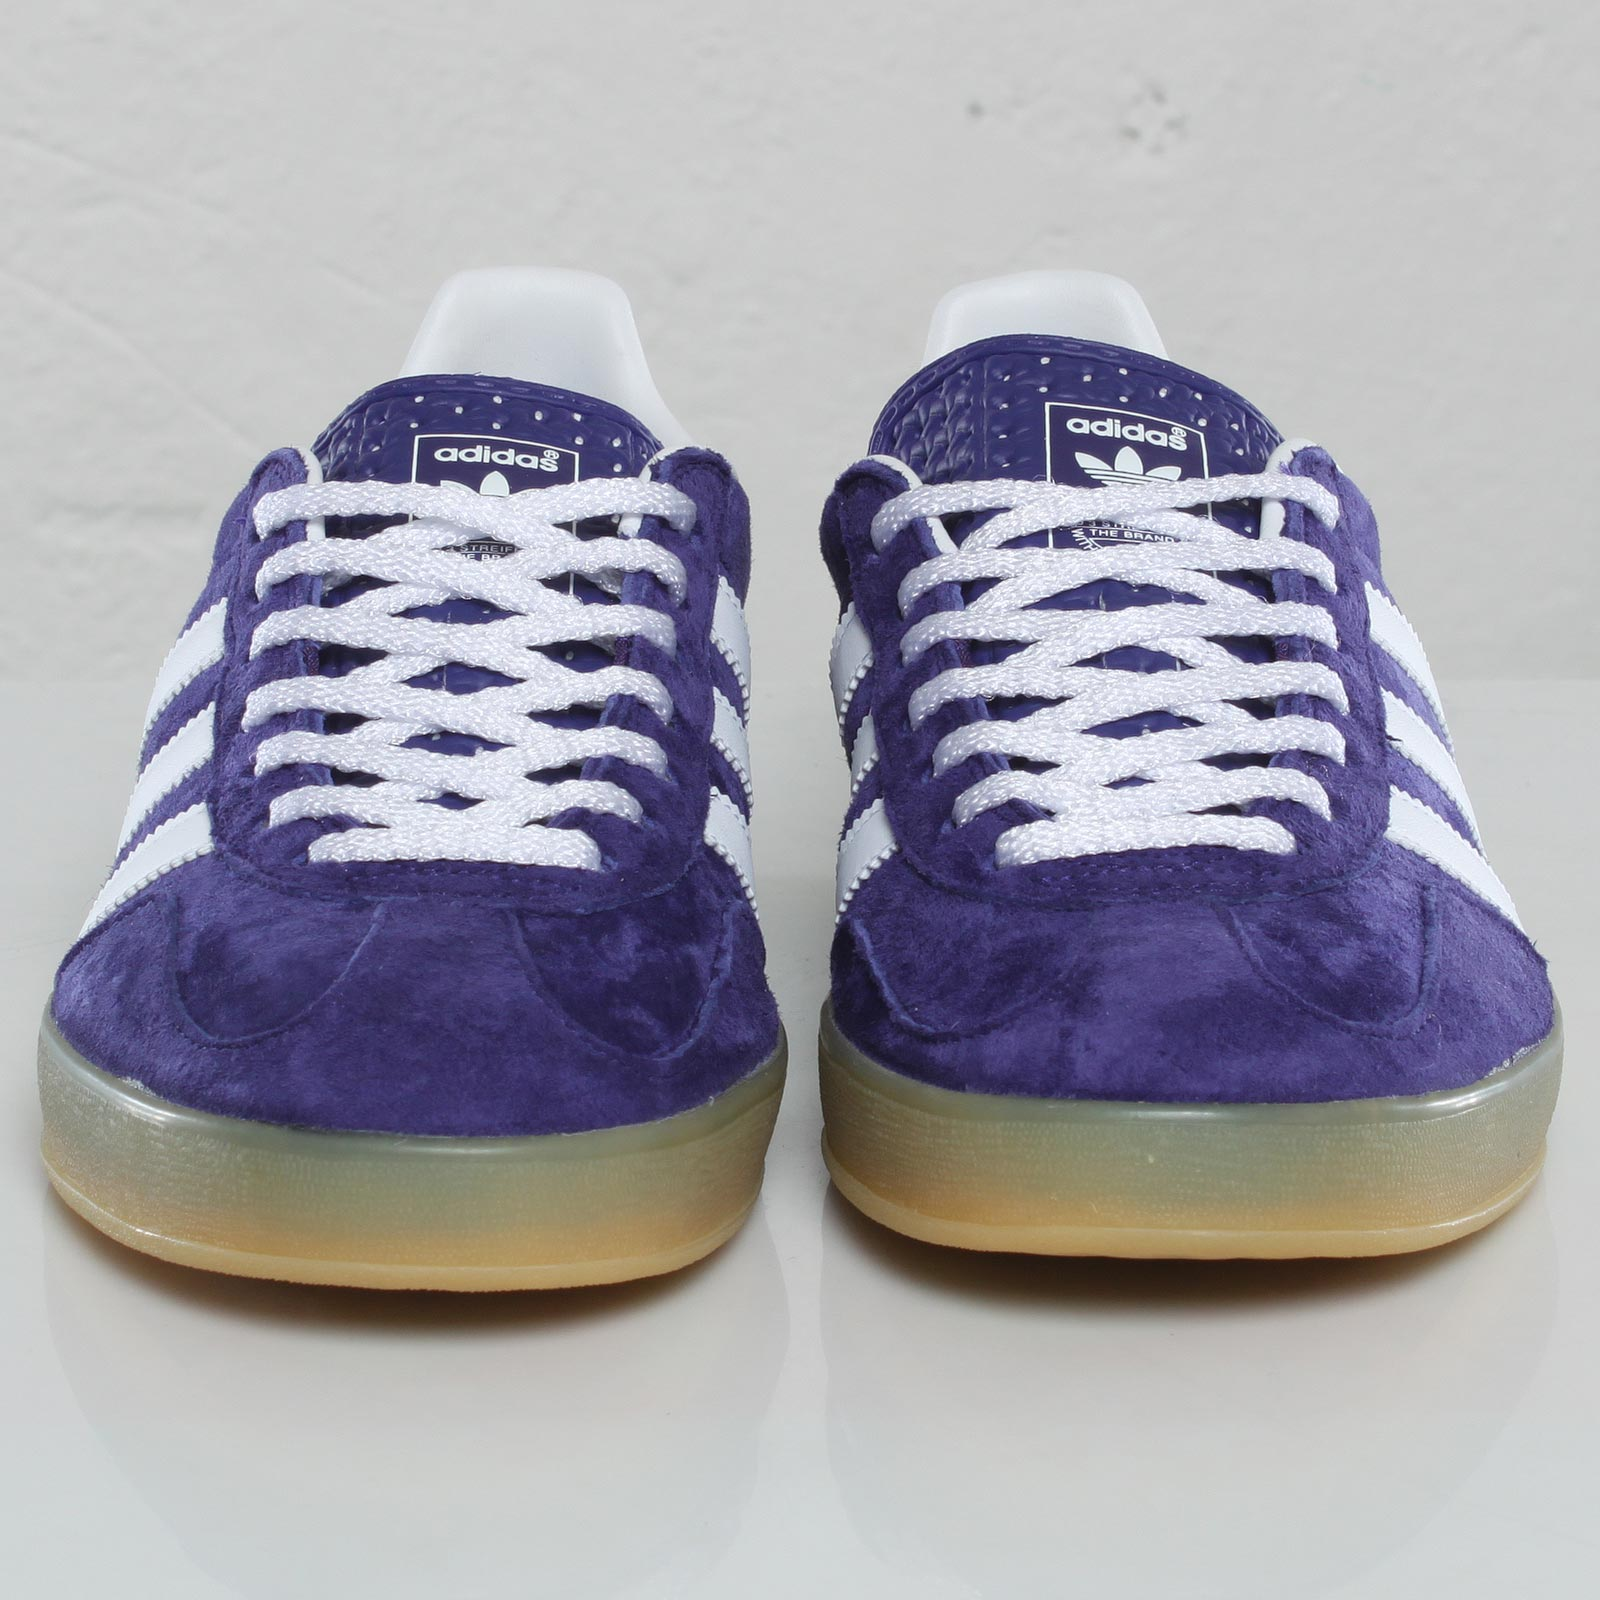 Pilar Escribe email Positivo  adidas Gazelle Indoor - 108965 - Sneakersnstuff | sneakers & streetwear  online since 1999